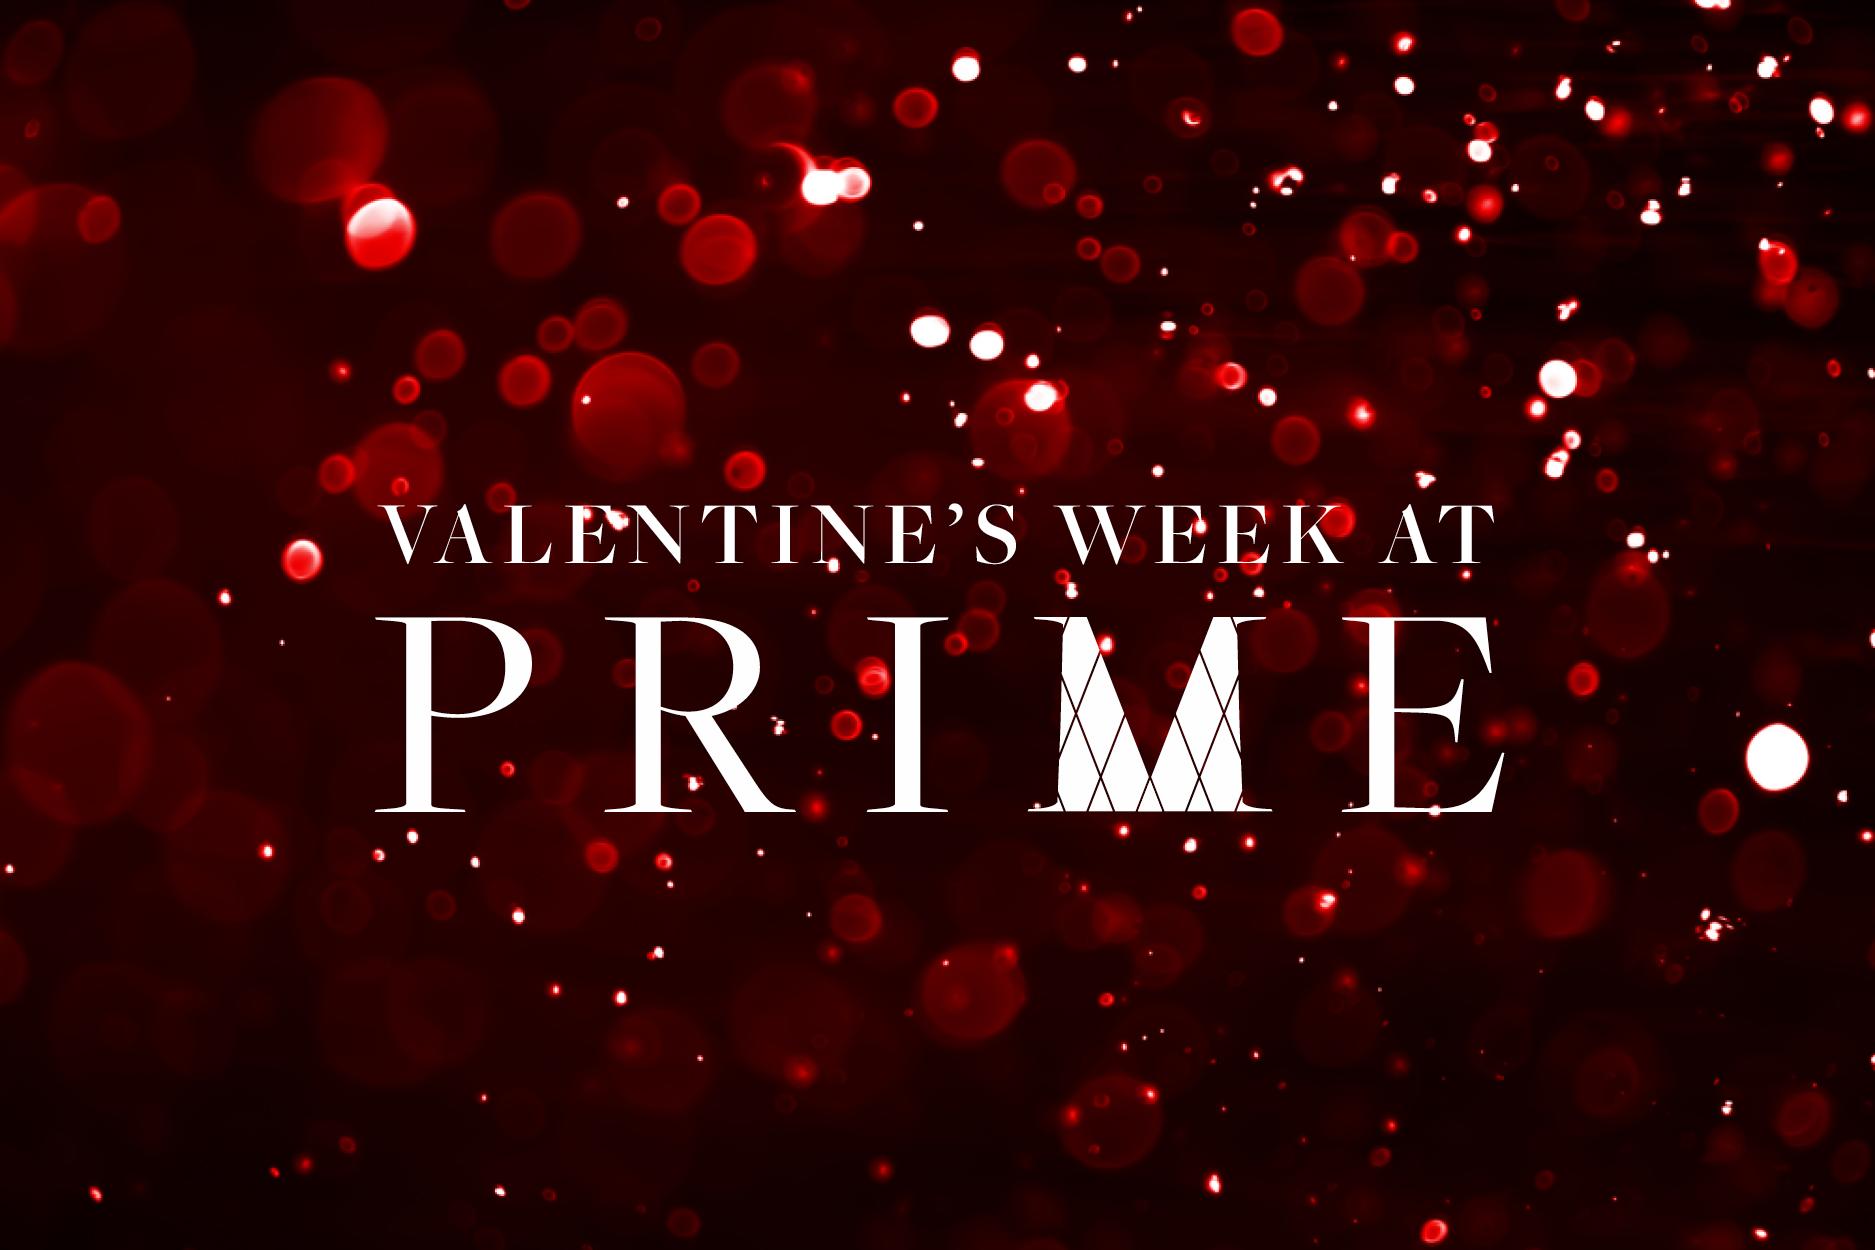 Valentine's Week at PRIME